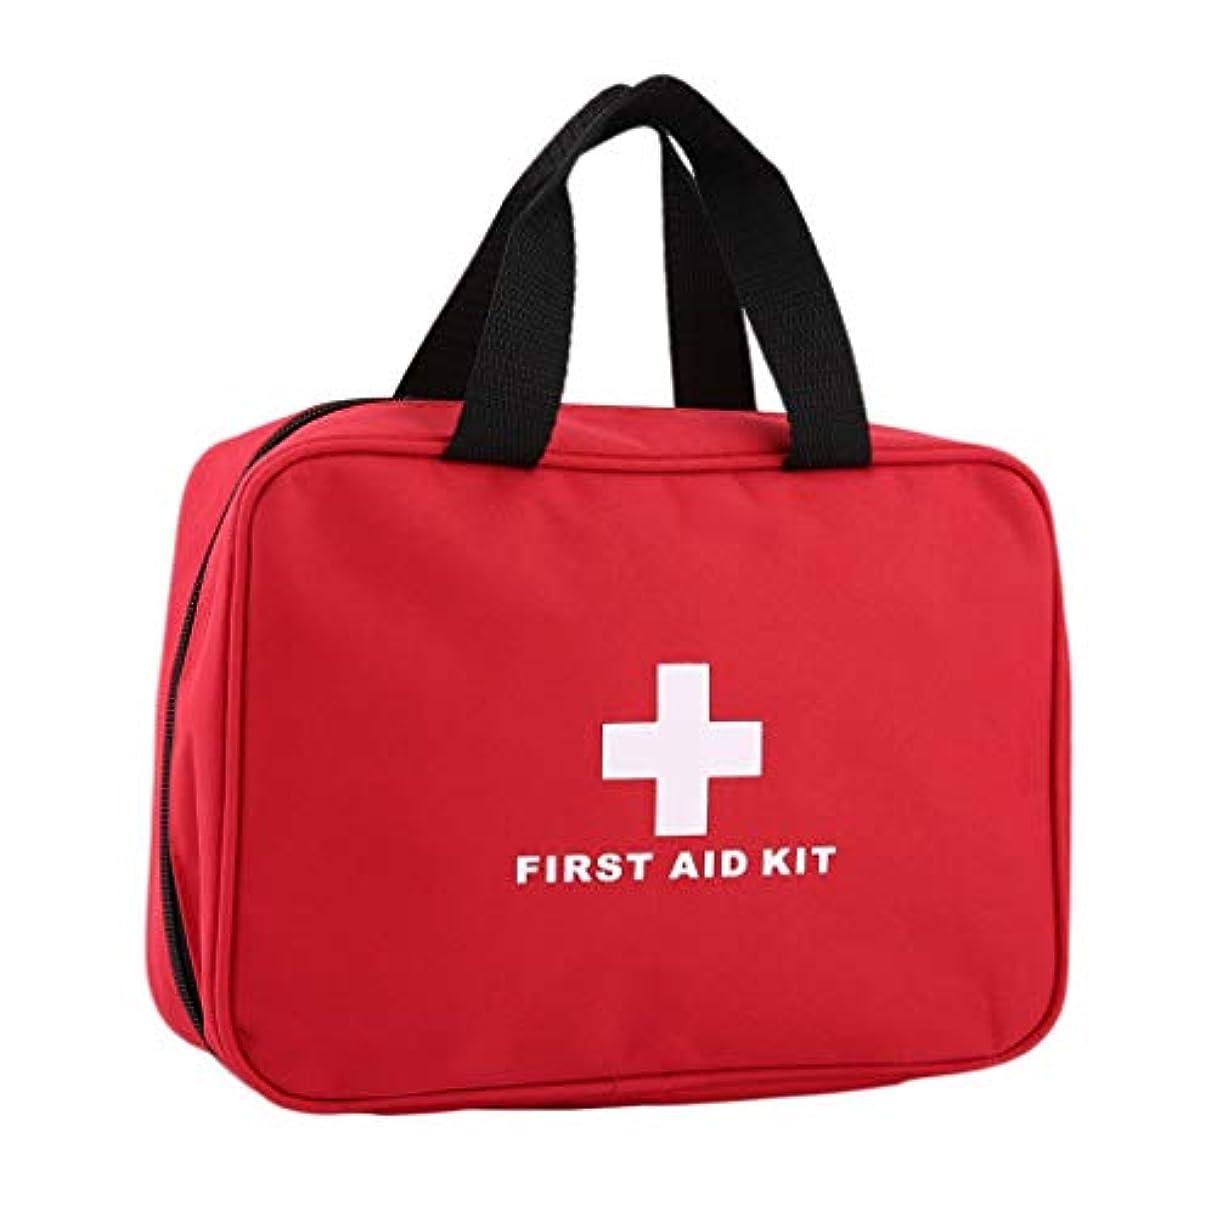 ファシズム落ち着く超越するXuping shop 救急箱大車救急箱大型屋外緊急キットバッグ旅行キャンプサバイバル医療キット